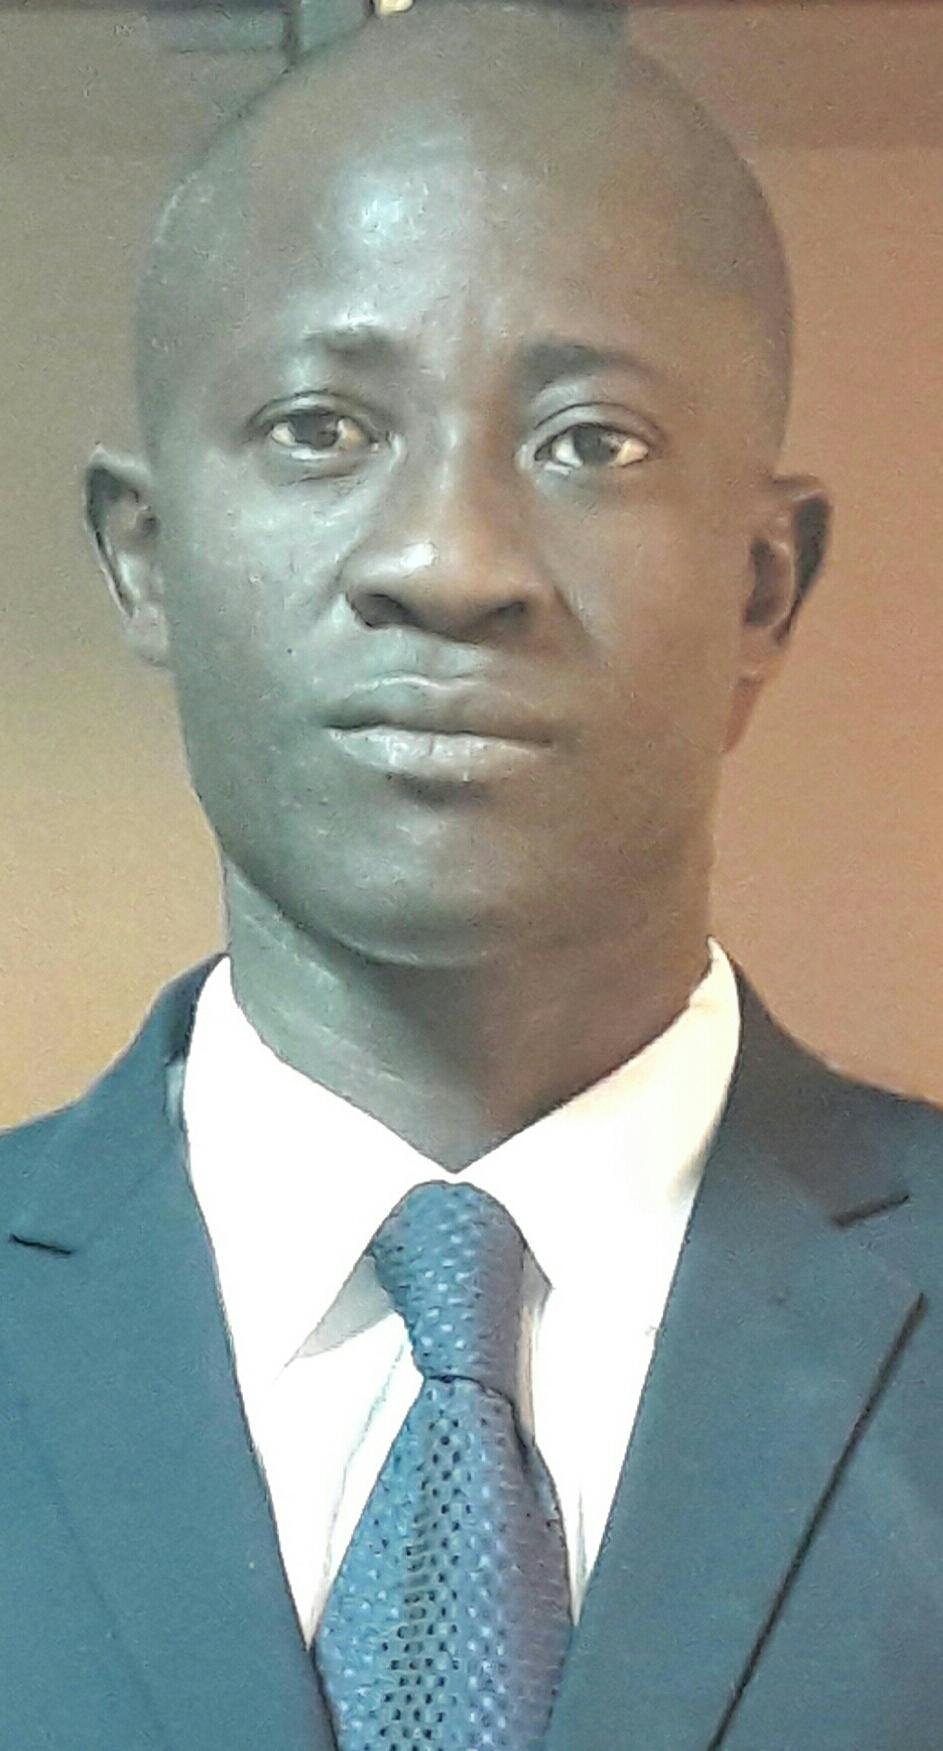 M.le Premier Ministre Aguibou Soumaré , vous avez abandonné le bateau Sénégal en pleine crise avec un taux de croissance de 2,2% en 2009. De Grâce, plus de retenue !